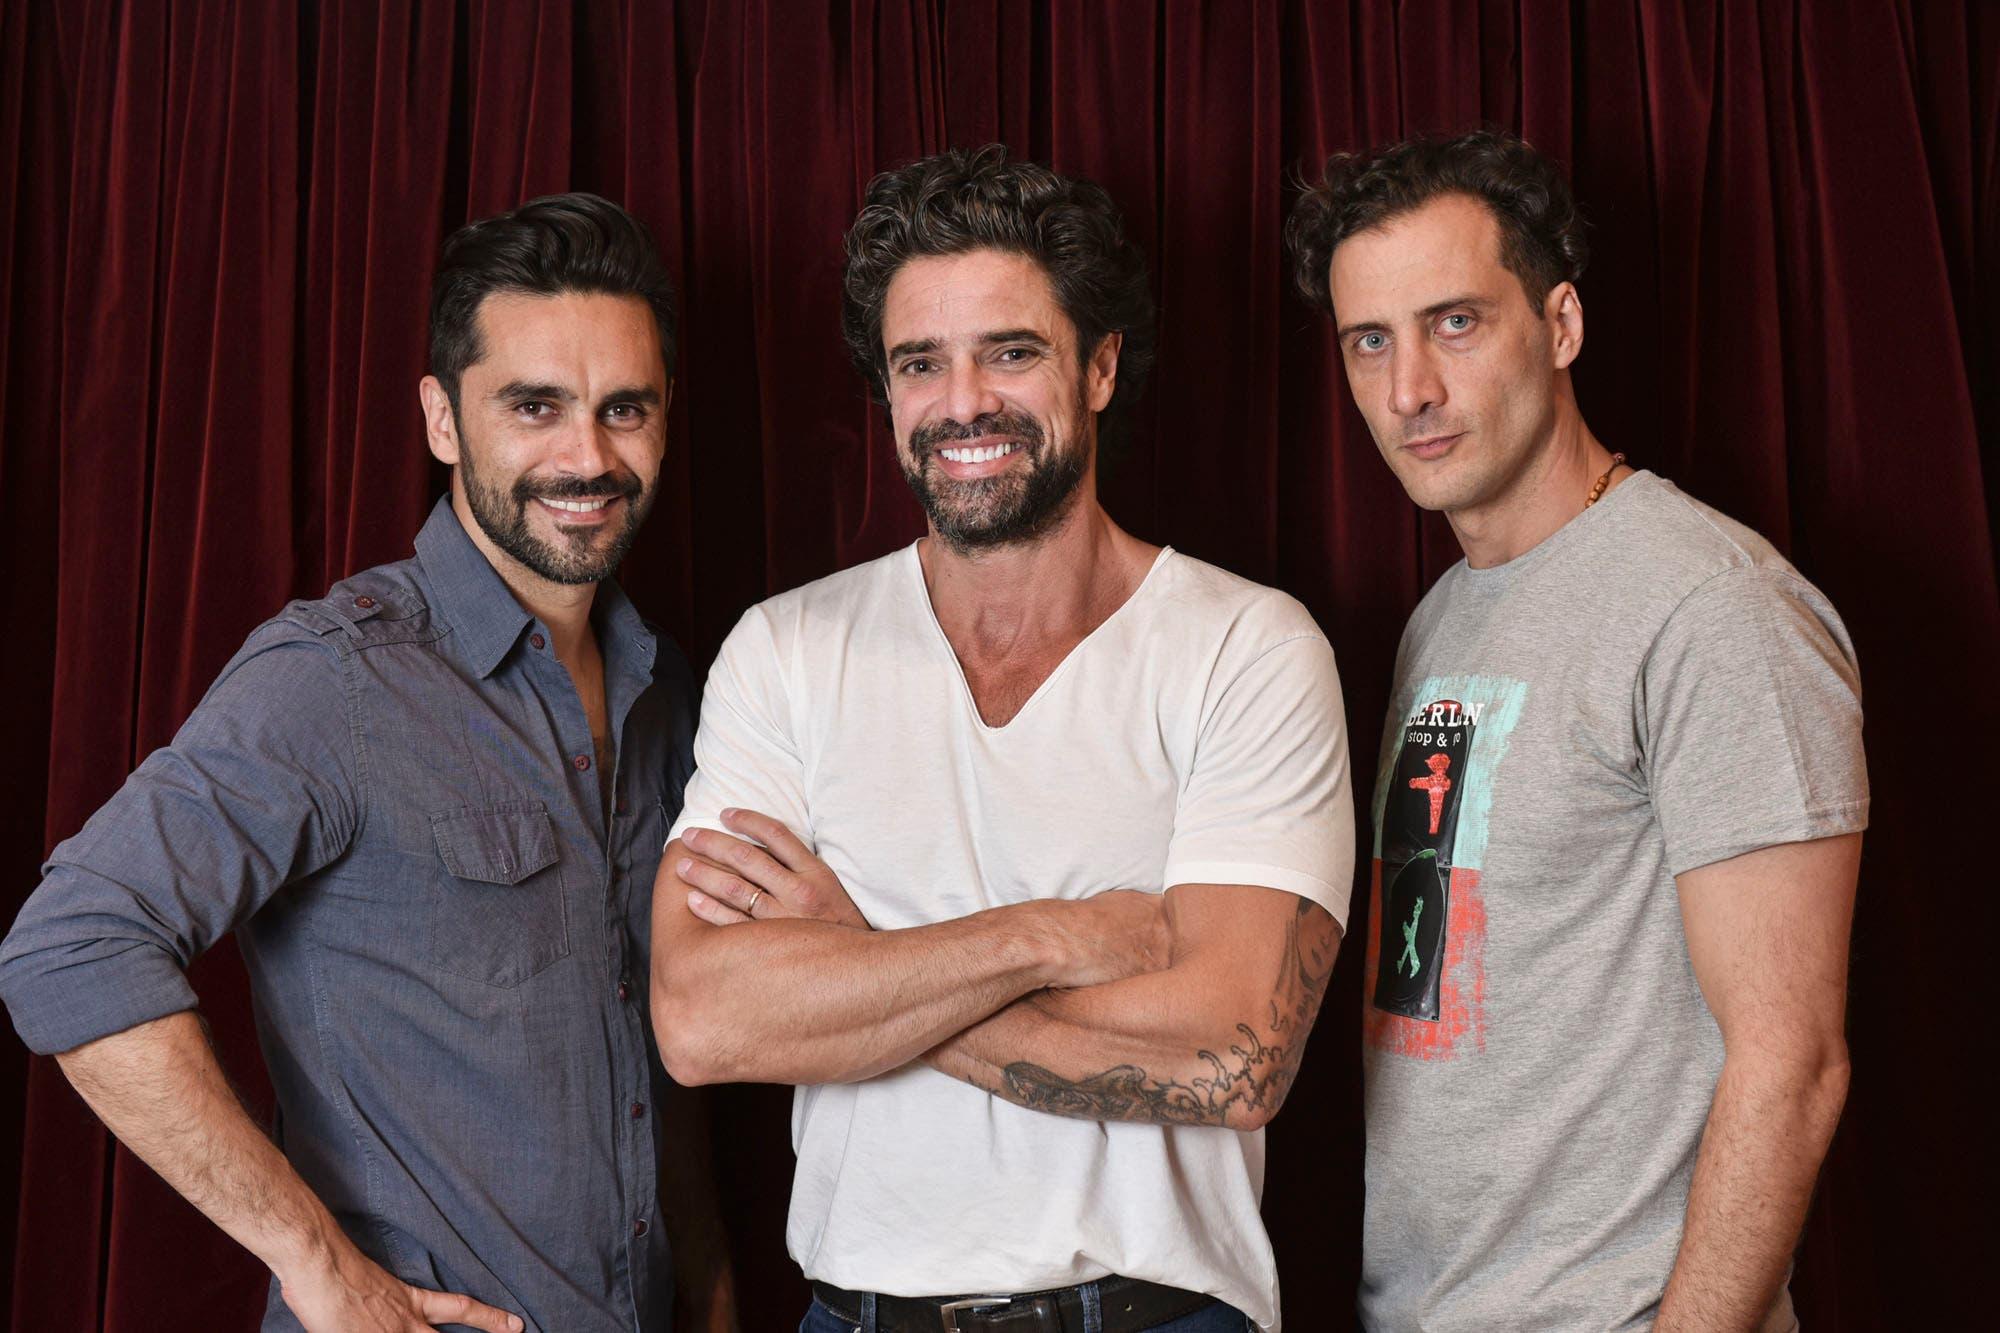 Luciano Castro, Gonzalo Heredia y Luciano Cáceres: cómo reconocer los cuerpos de sus parejas con los ojos vendados